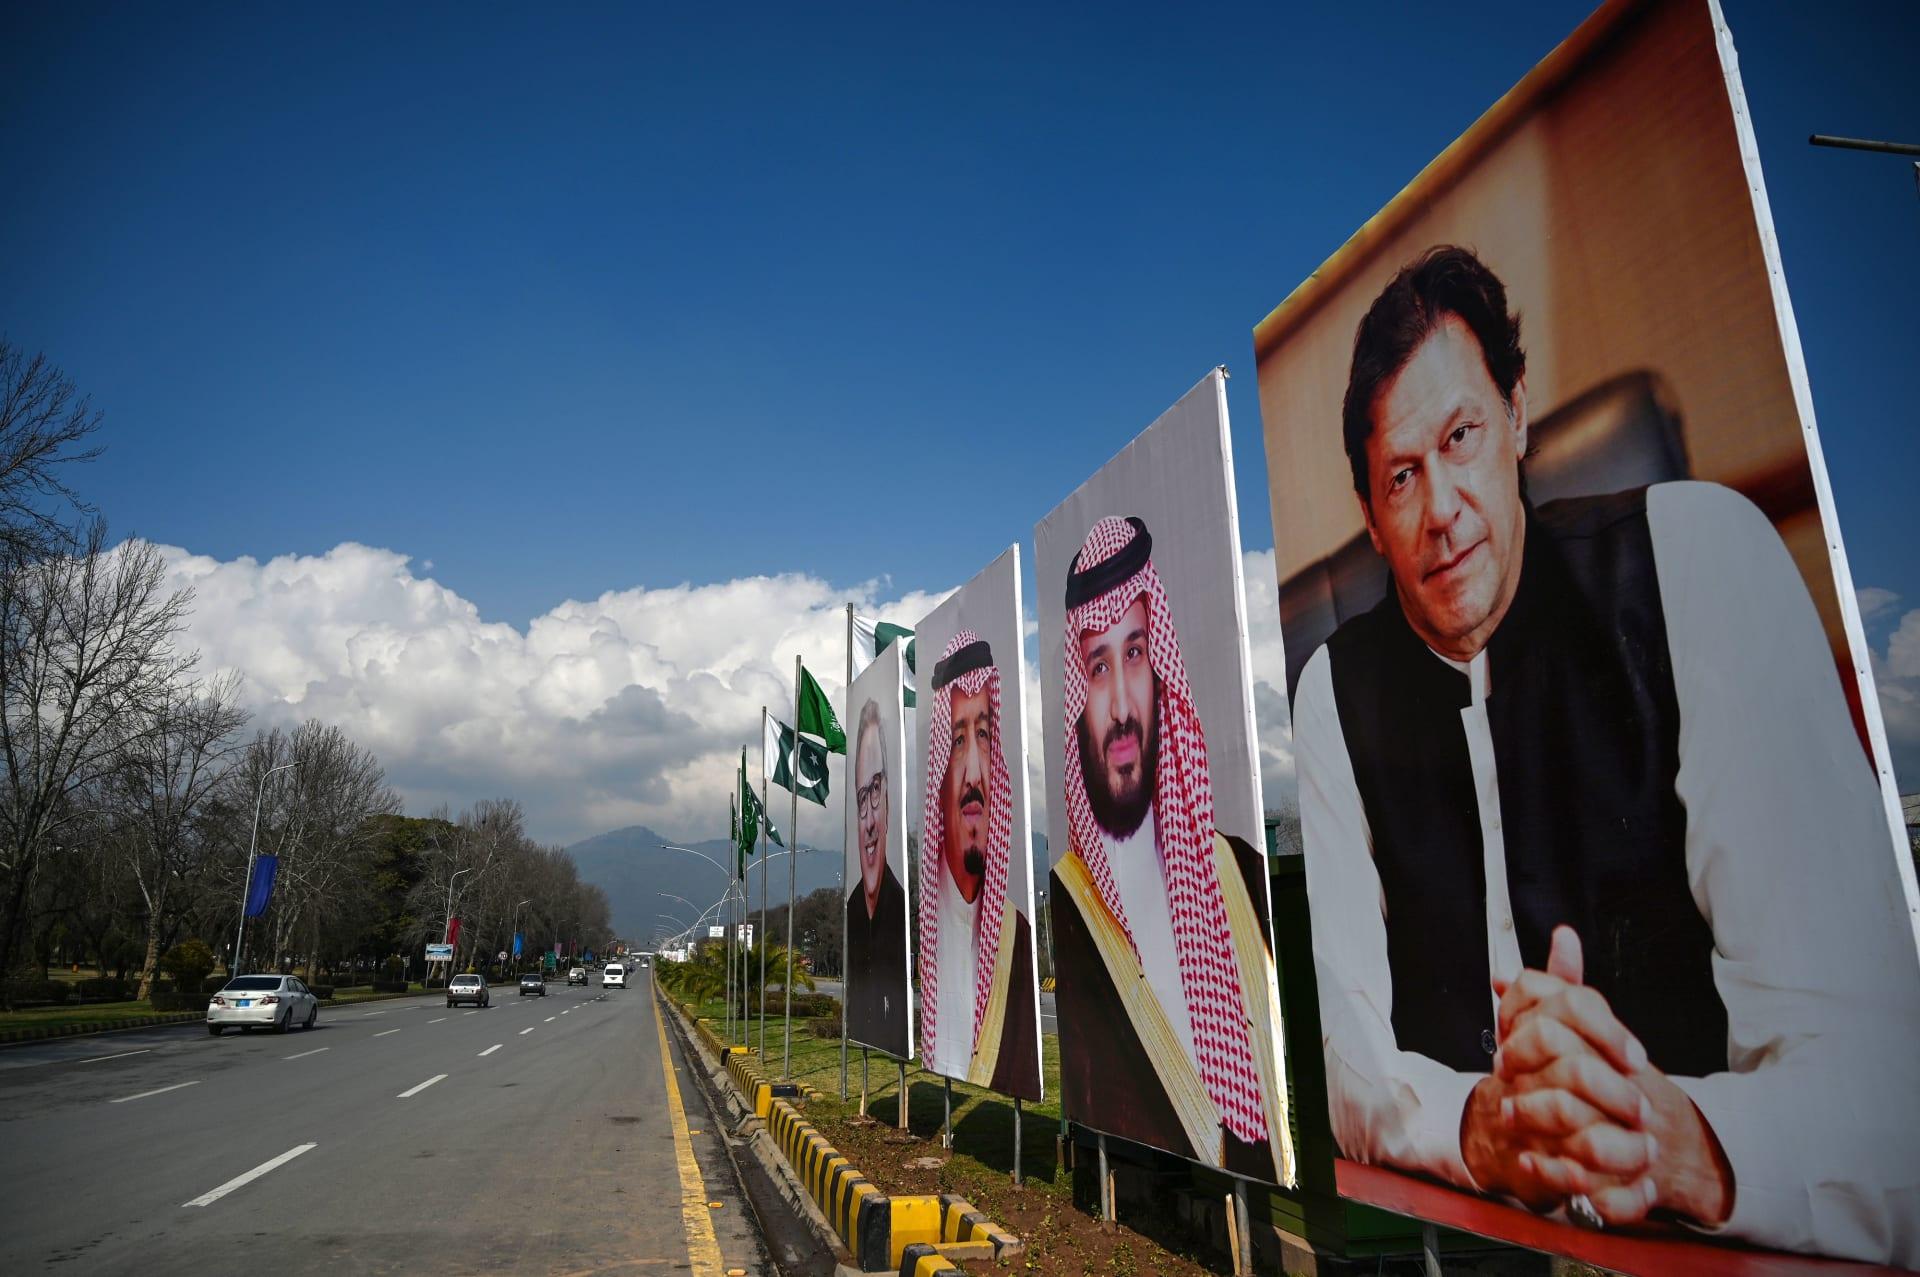 عطلة رسمية في باكستان تزامنا مع وصول ولي العهد السعودي